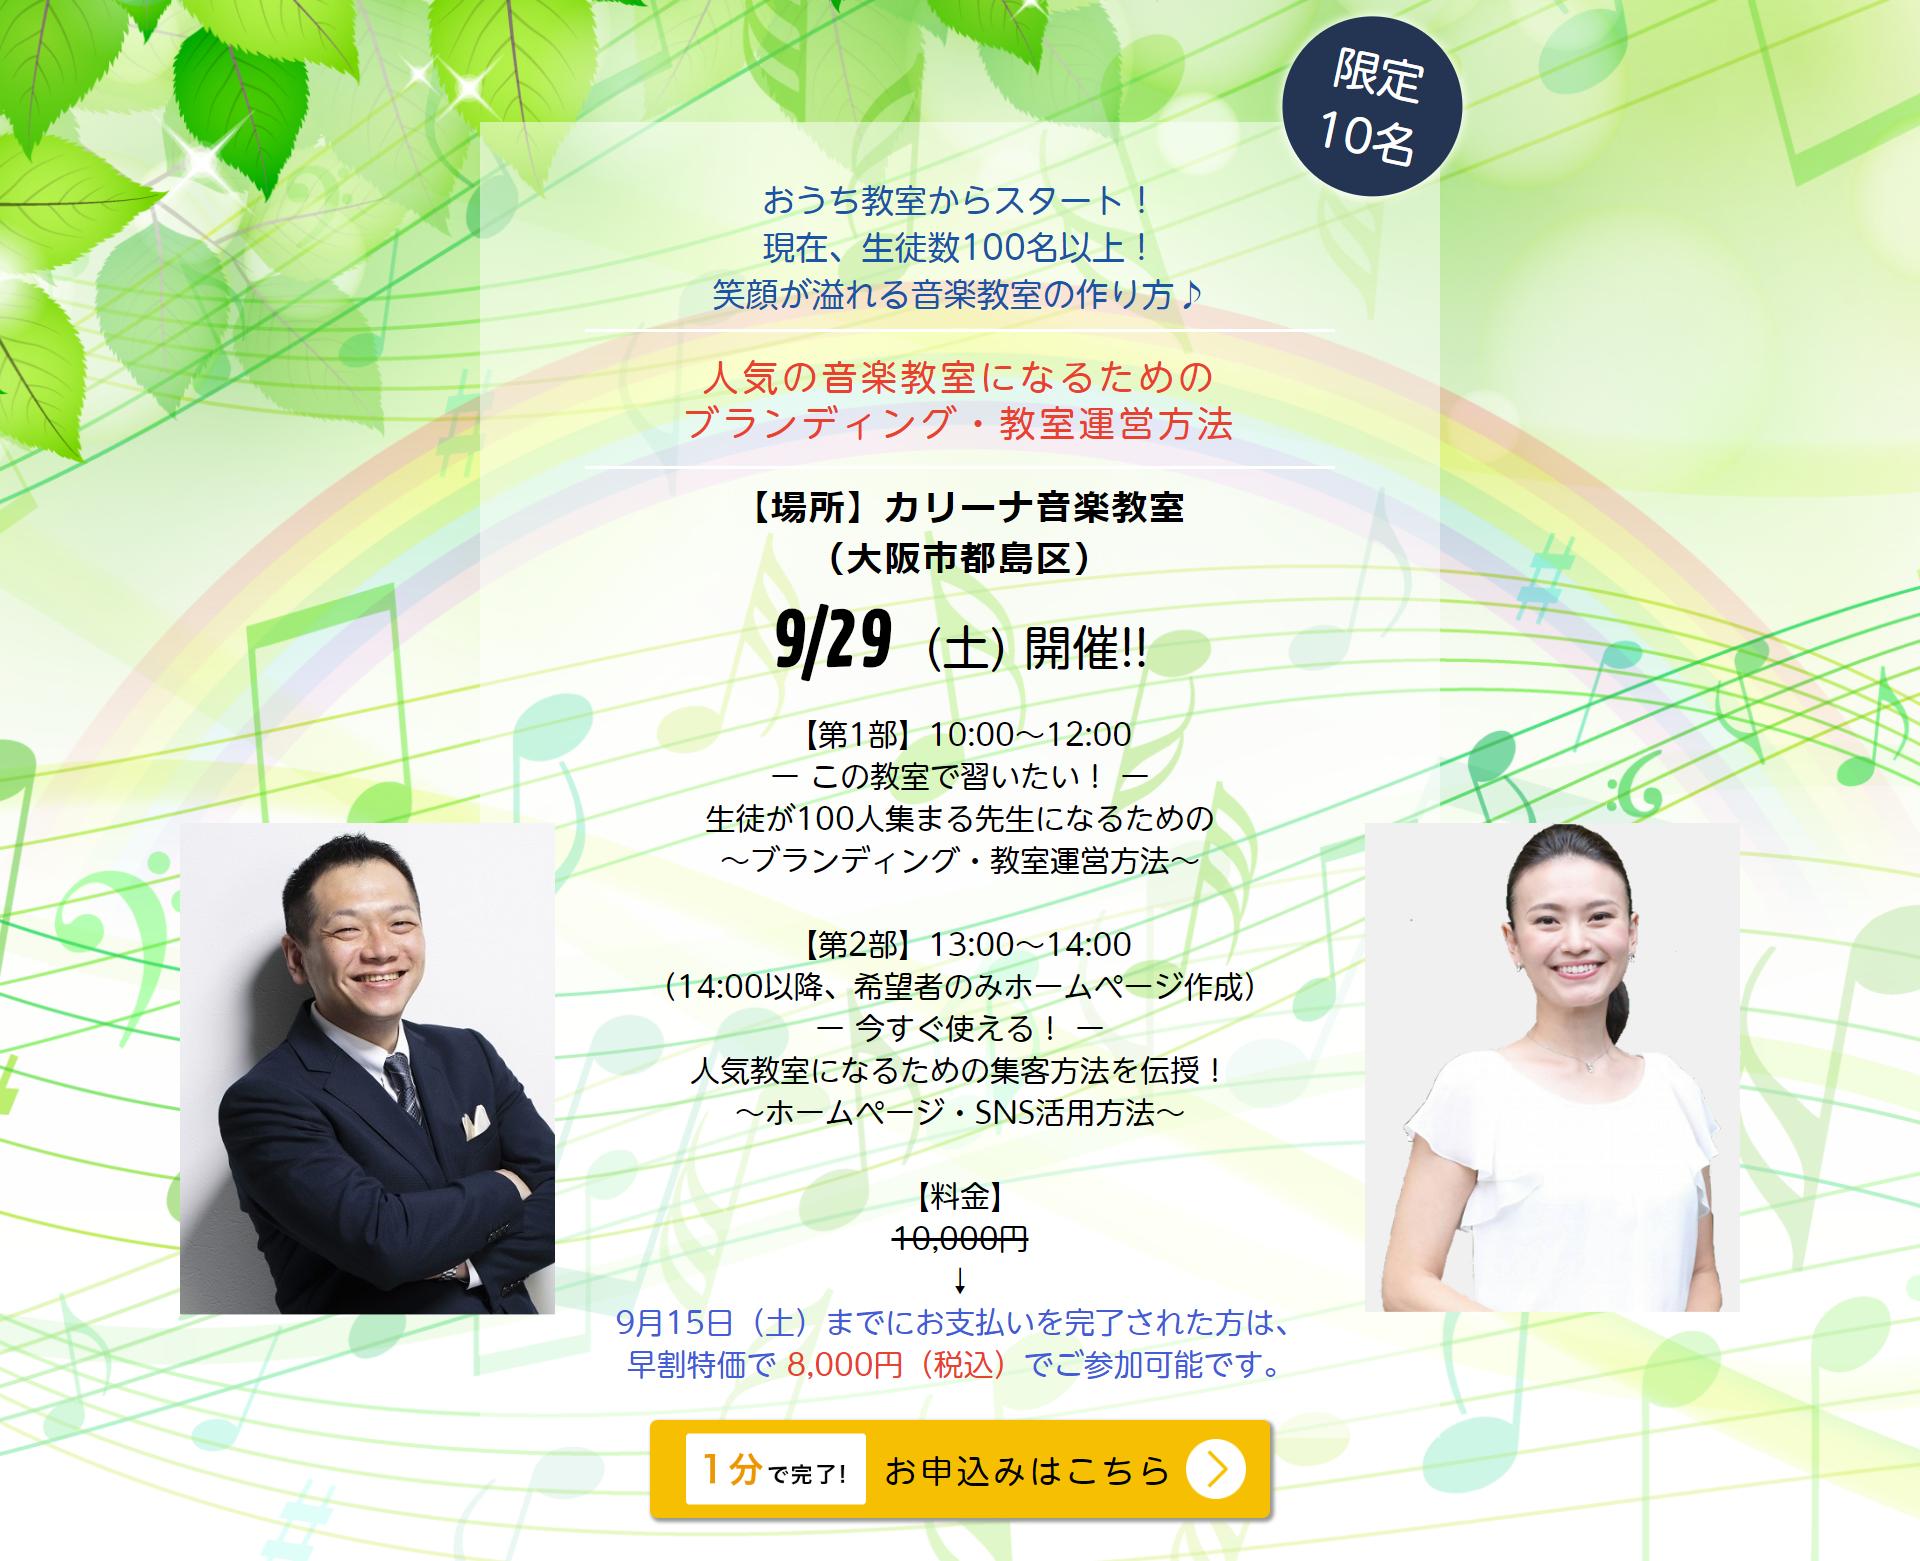 音楽教室向けセミナー